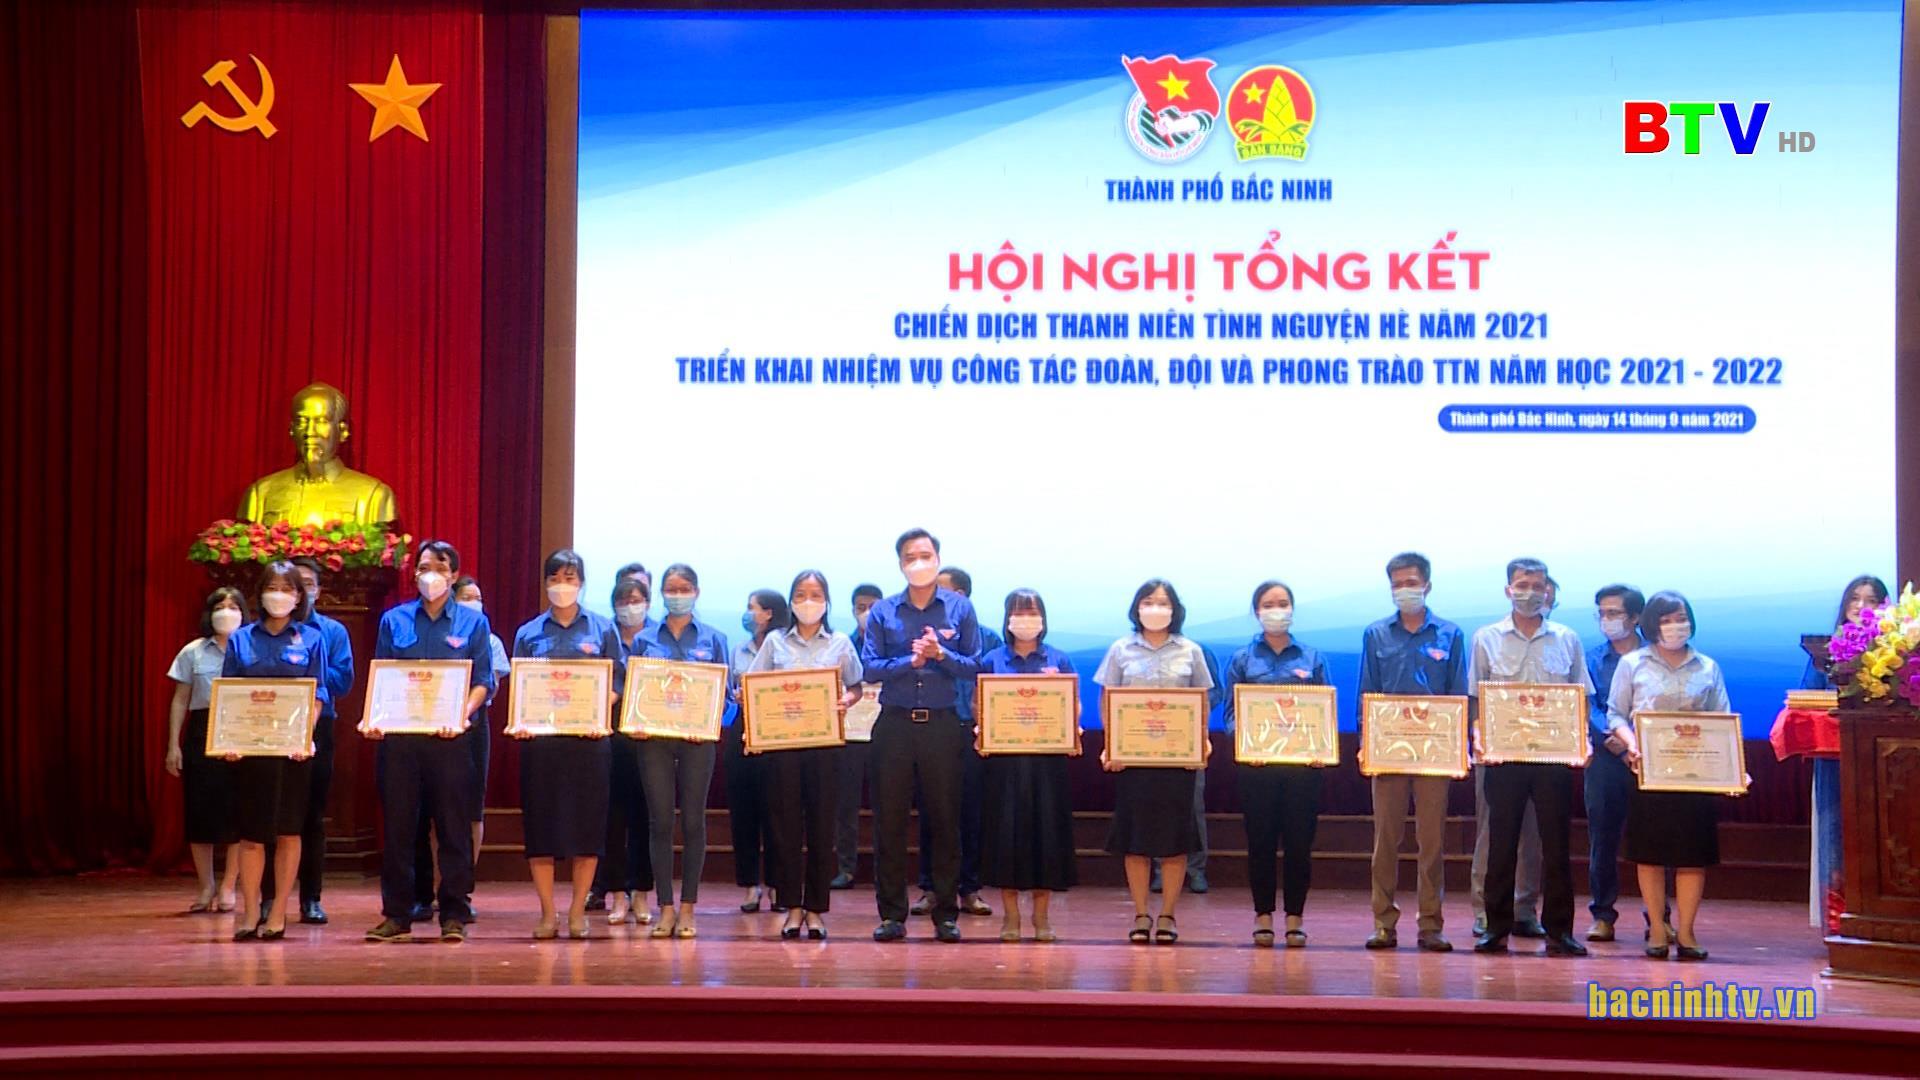 Thành Đoàn Bắc Ninh tổng kết Chiến dịch Thanh niên tình nguyện hè 2021